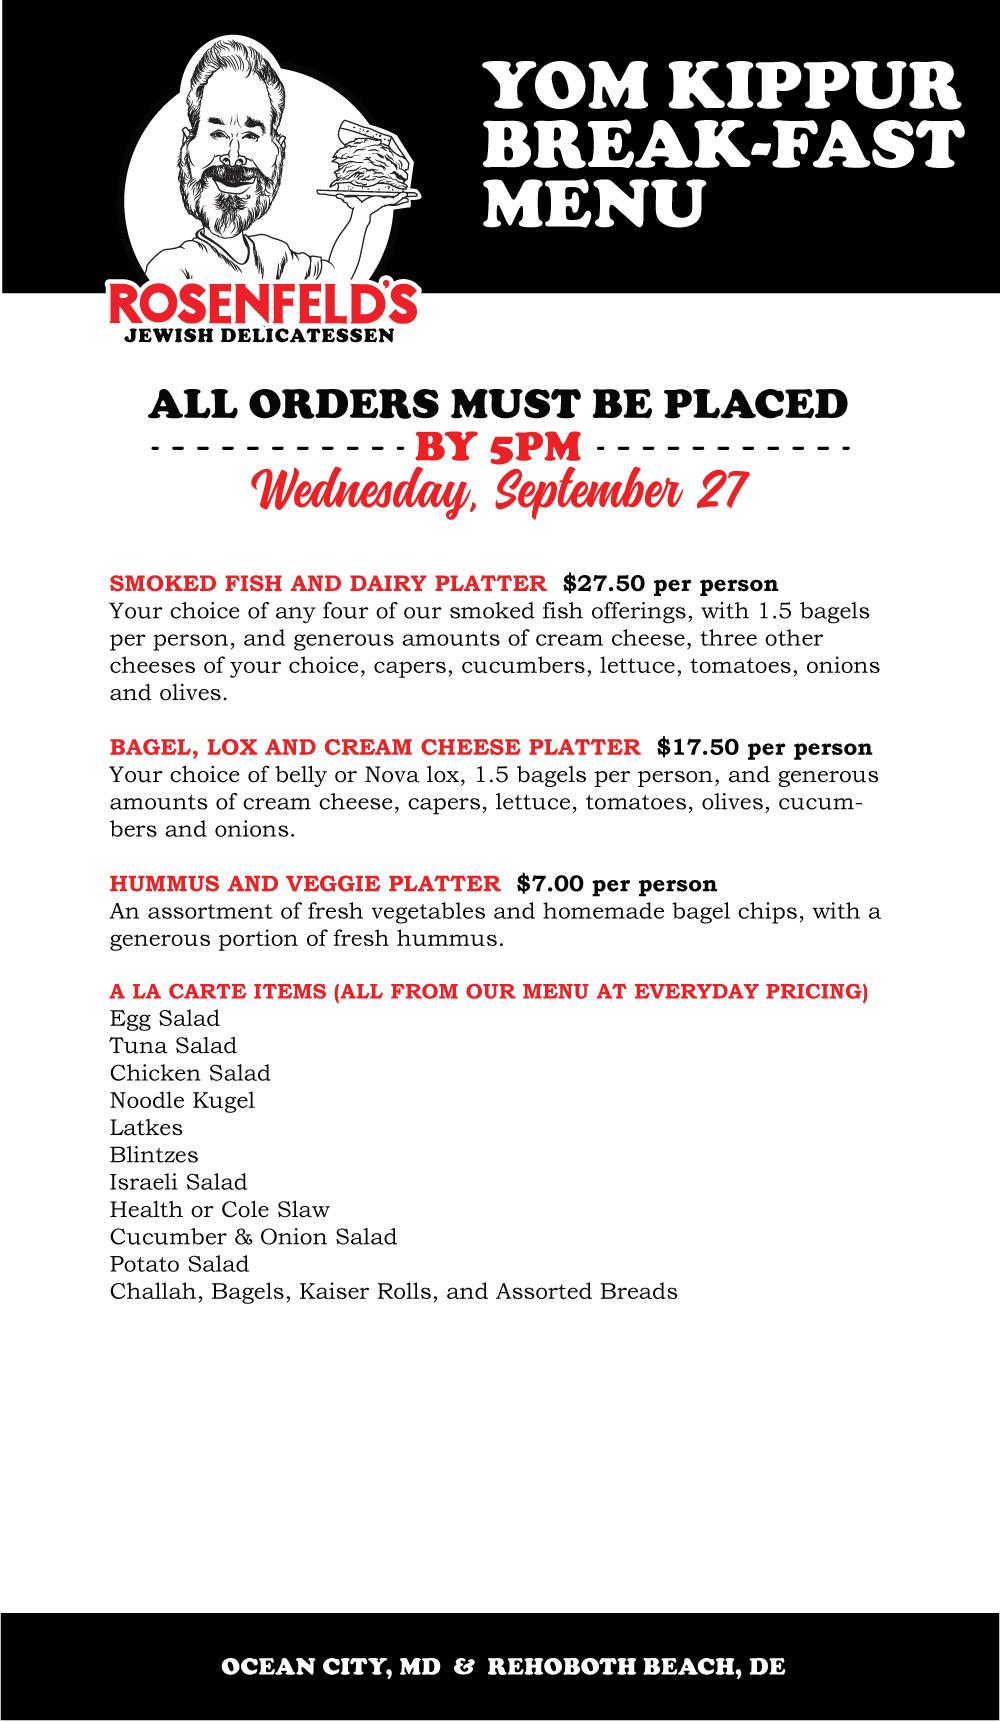 rosenfelds_yom_kippur_menu_01.jpg